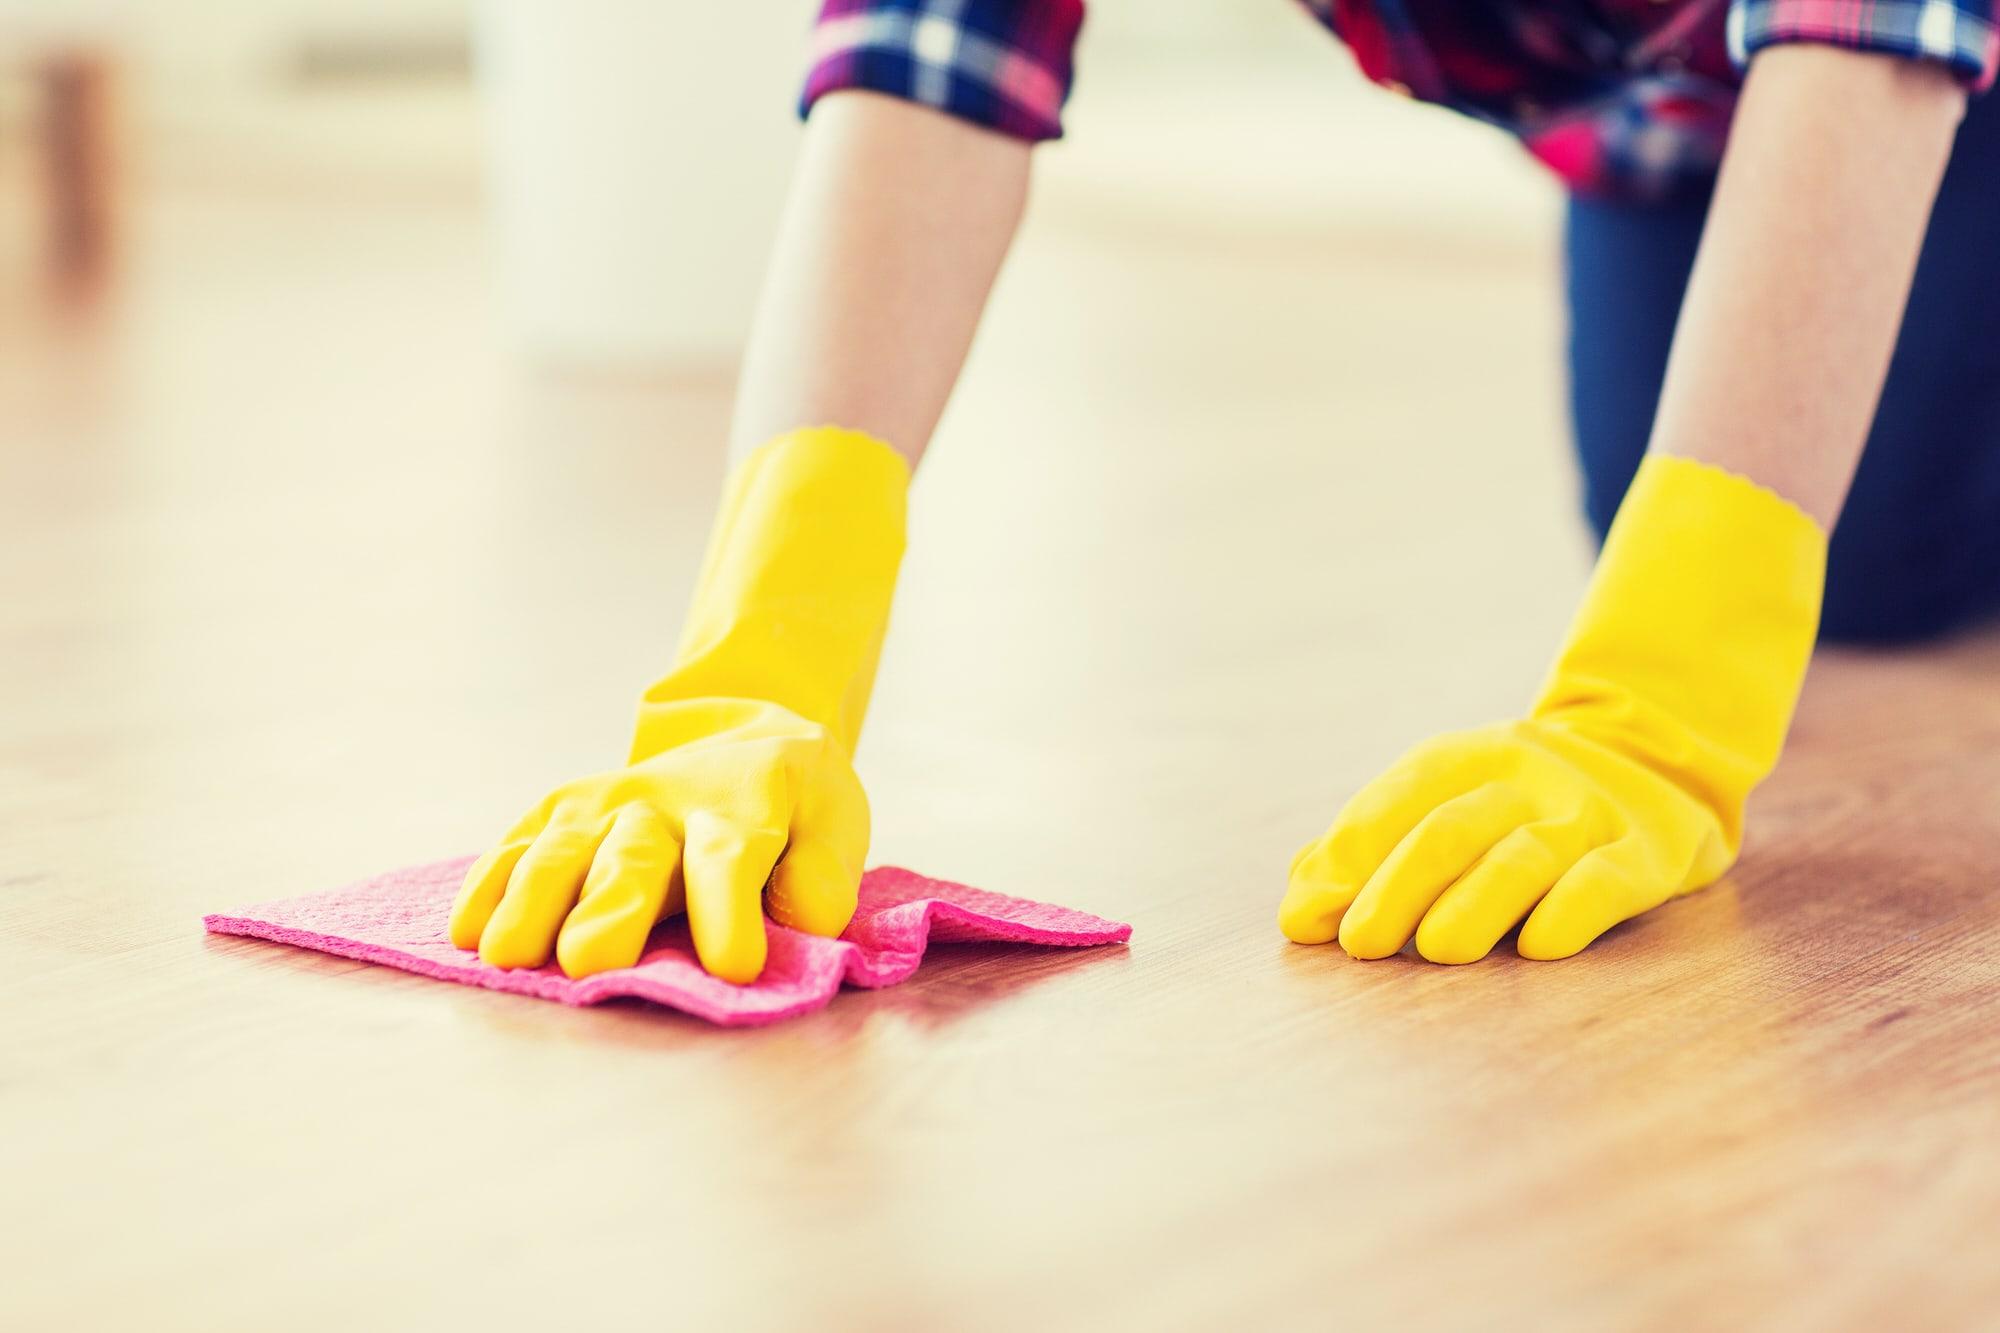 katzenurin entfernen das hilft gegen geruch und flecken. Black Bedroom Furniture Sets. Home Design Ideas